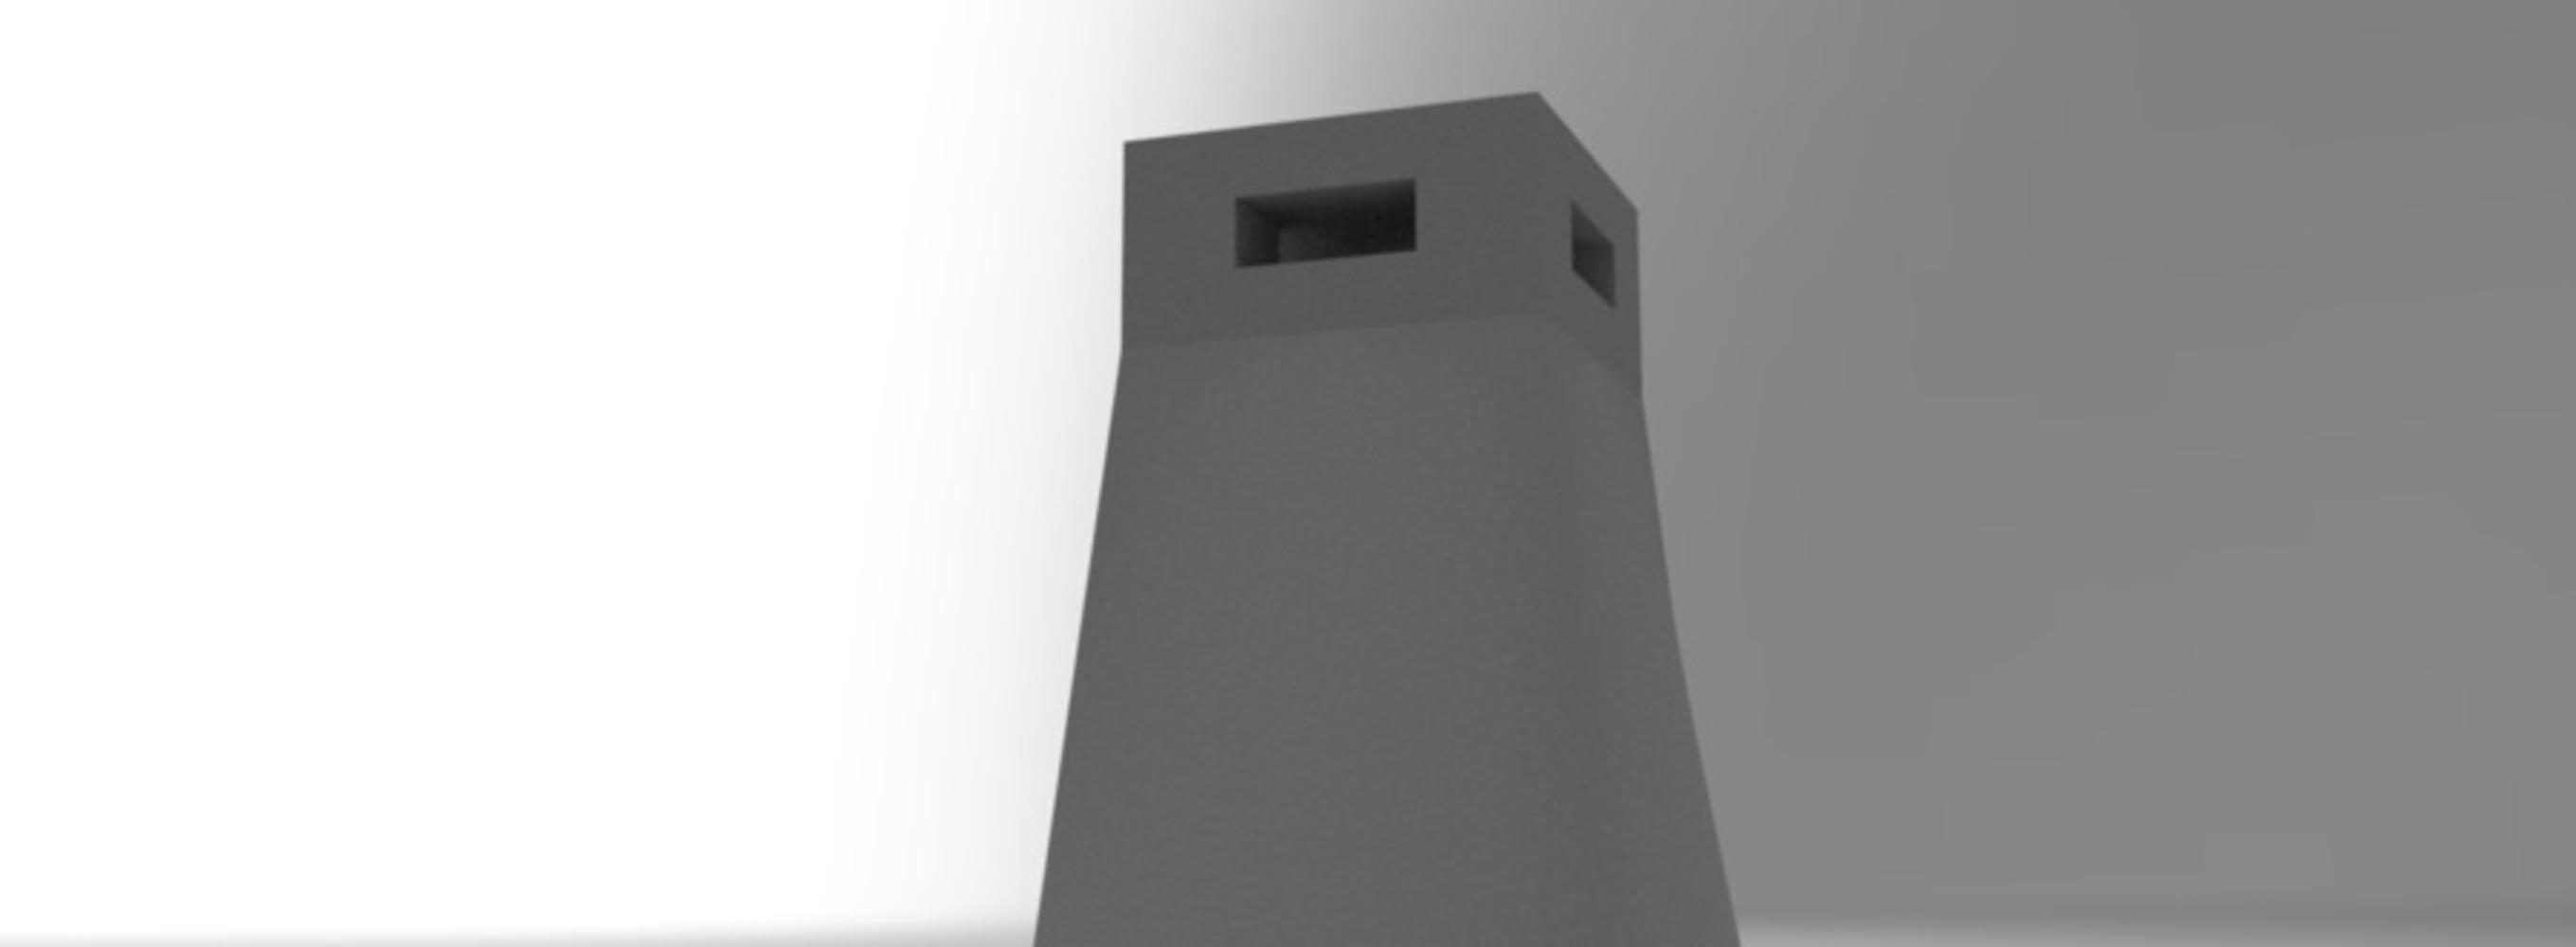 Usb holder   dpallerl render 2.thumb